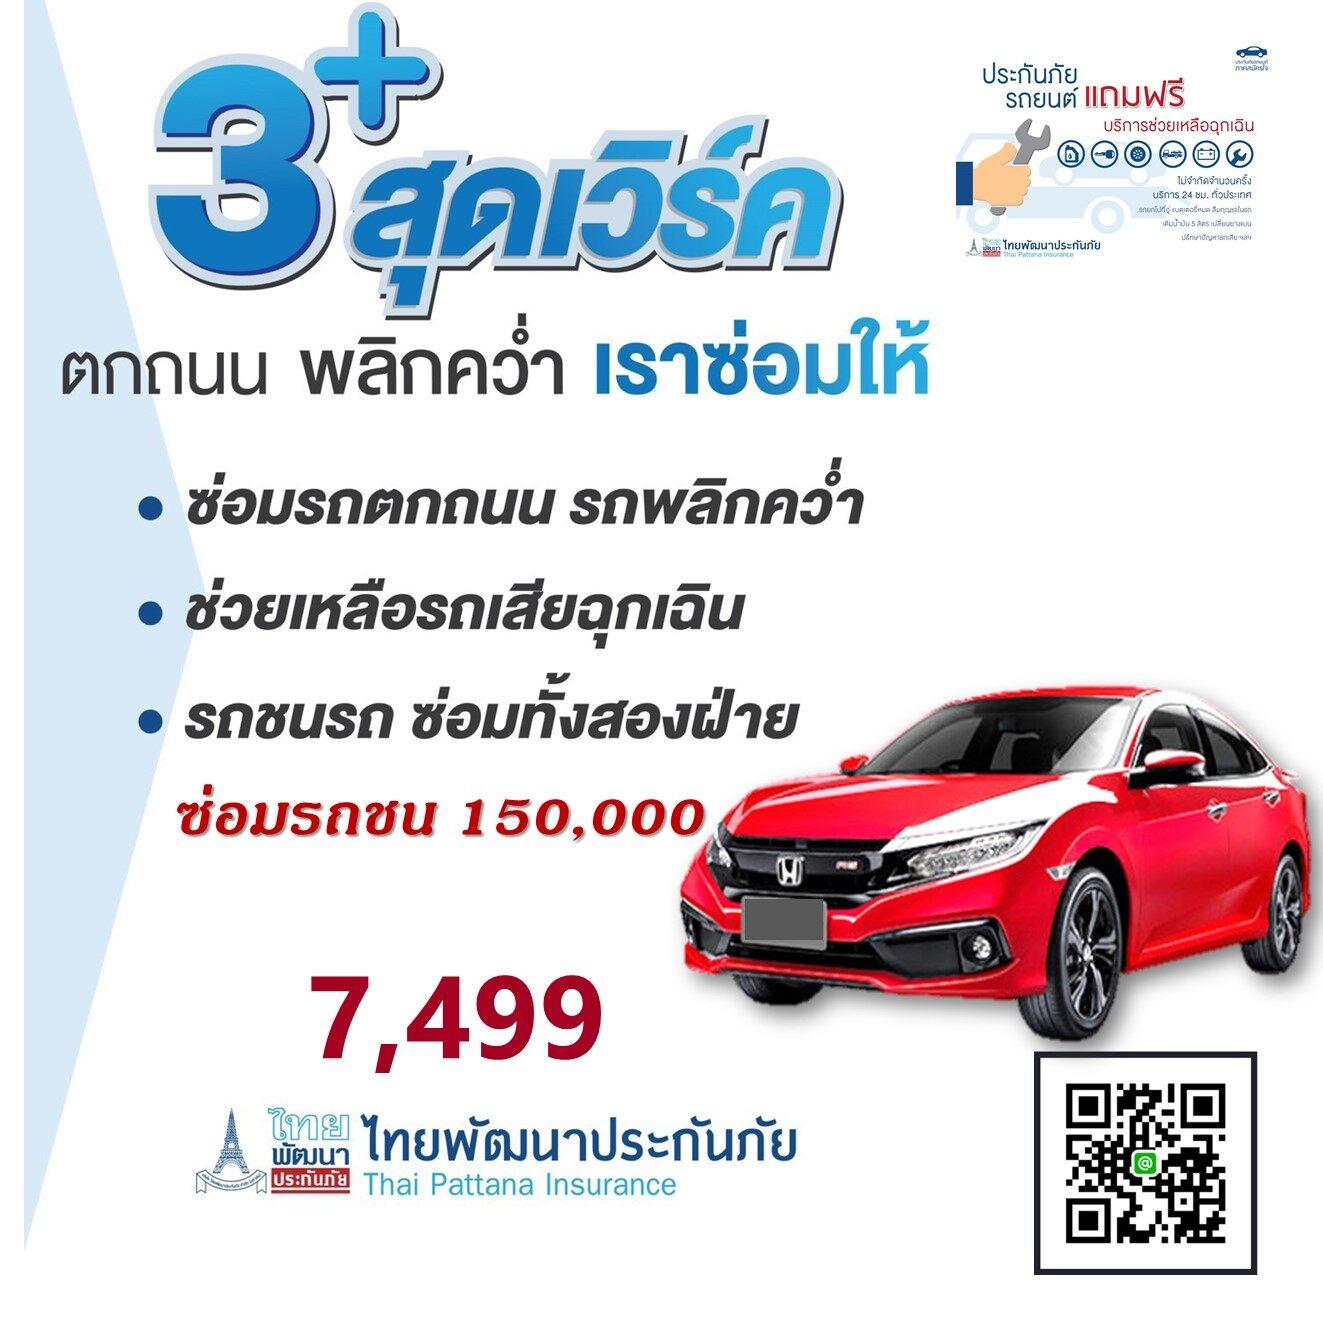 ประกันรถยนต์ 3 + สุดเวิร์ค( เก๋ง ,กระบะ) ทุนประกัน 150,000 บาท รถชนรถ รถพลิกคว่ำ รถตกถนน รถเสีย/รถยก ทรัพย์สินคู่กรณี ค่ารักษา ไม่มีค่าเสียหายส่วนแรก บริการช่วยเหลือฉุกเฉิน 24 ชั่วโมง(ไม่จำกัดครั้ง)